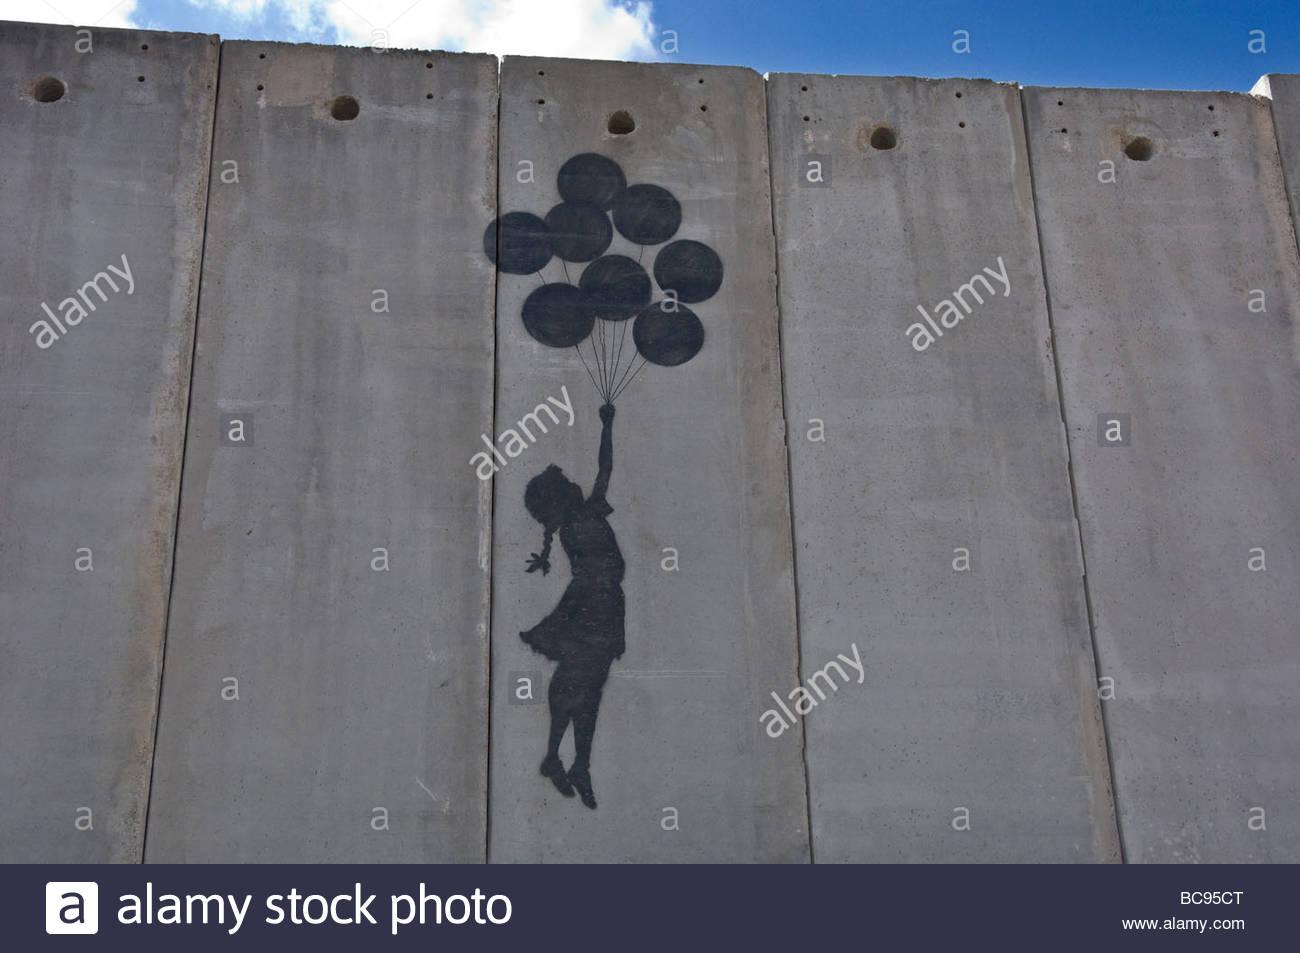 Una pintura en la pared Separartion israelíes en Jerusalén oriental, cerca de la frontera con de Ramallah. Imagen De Stock